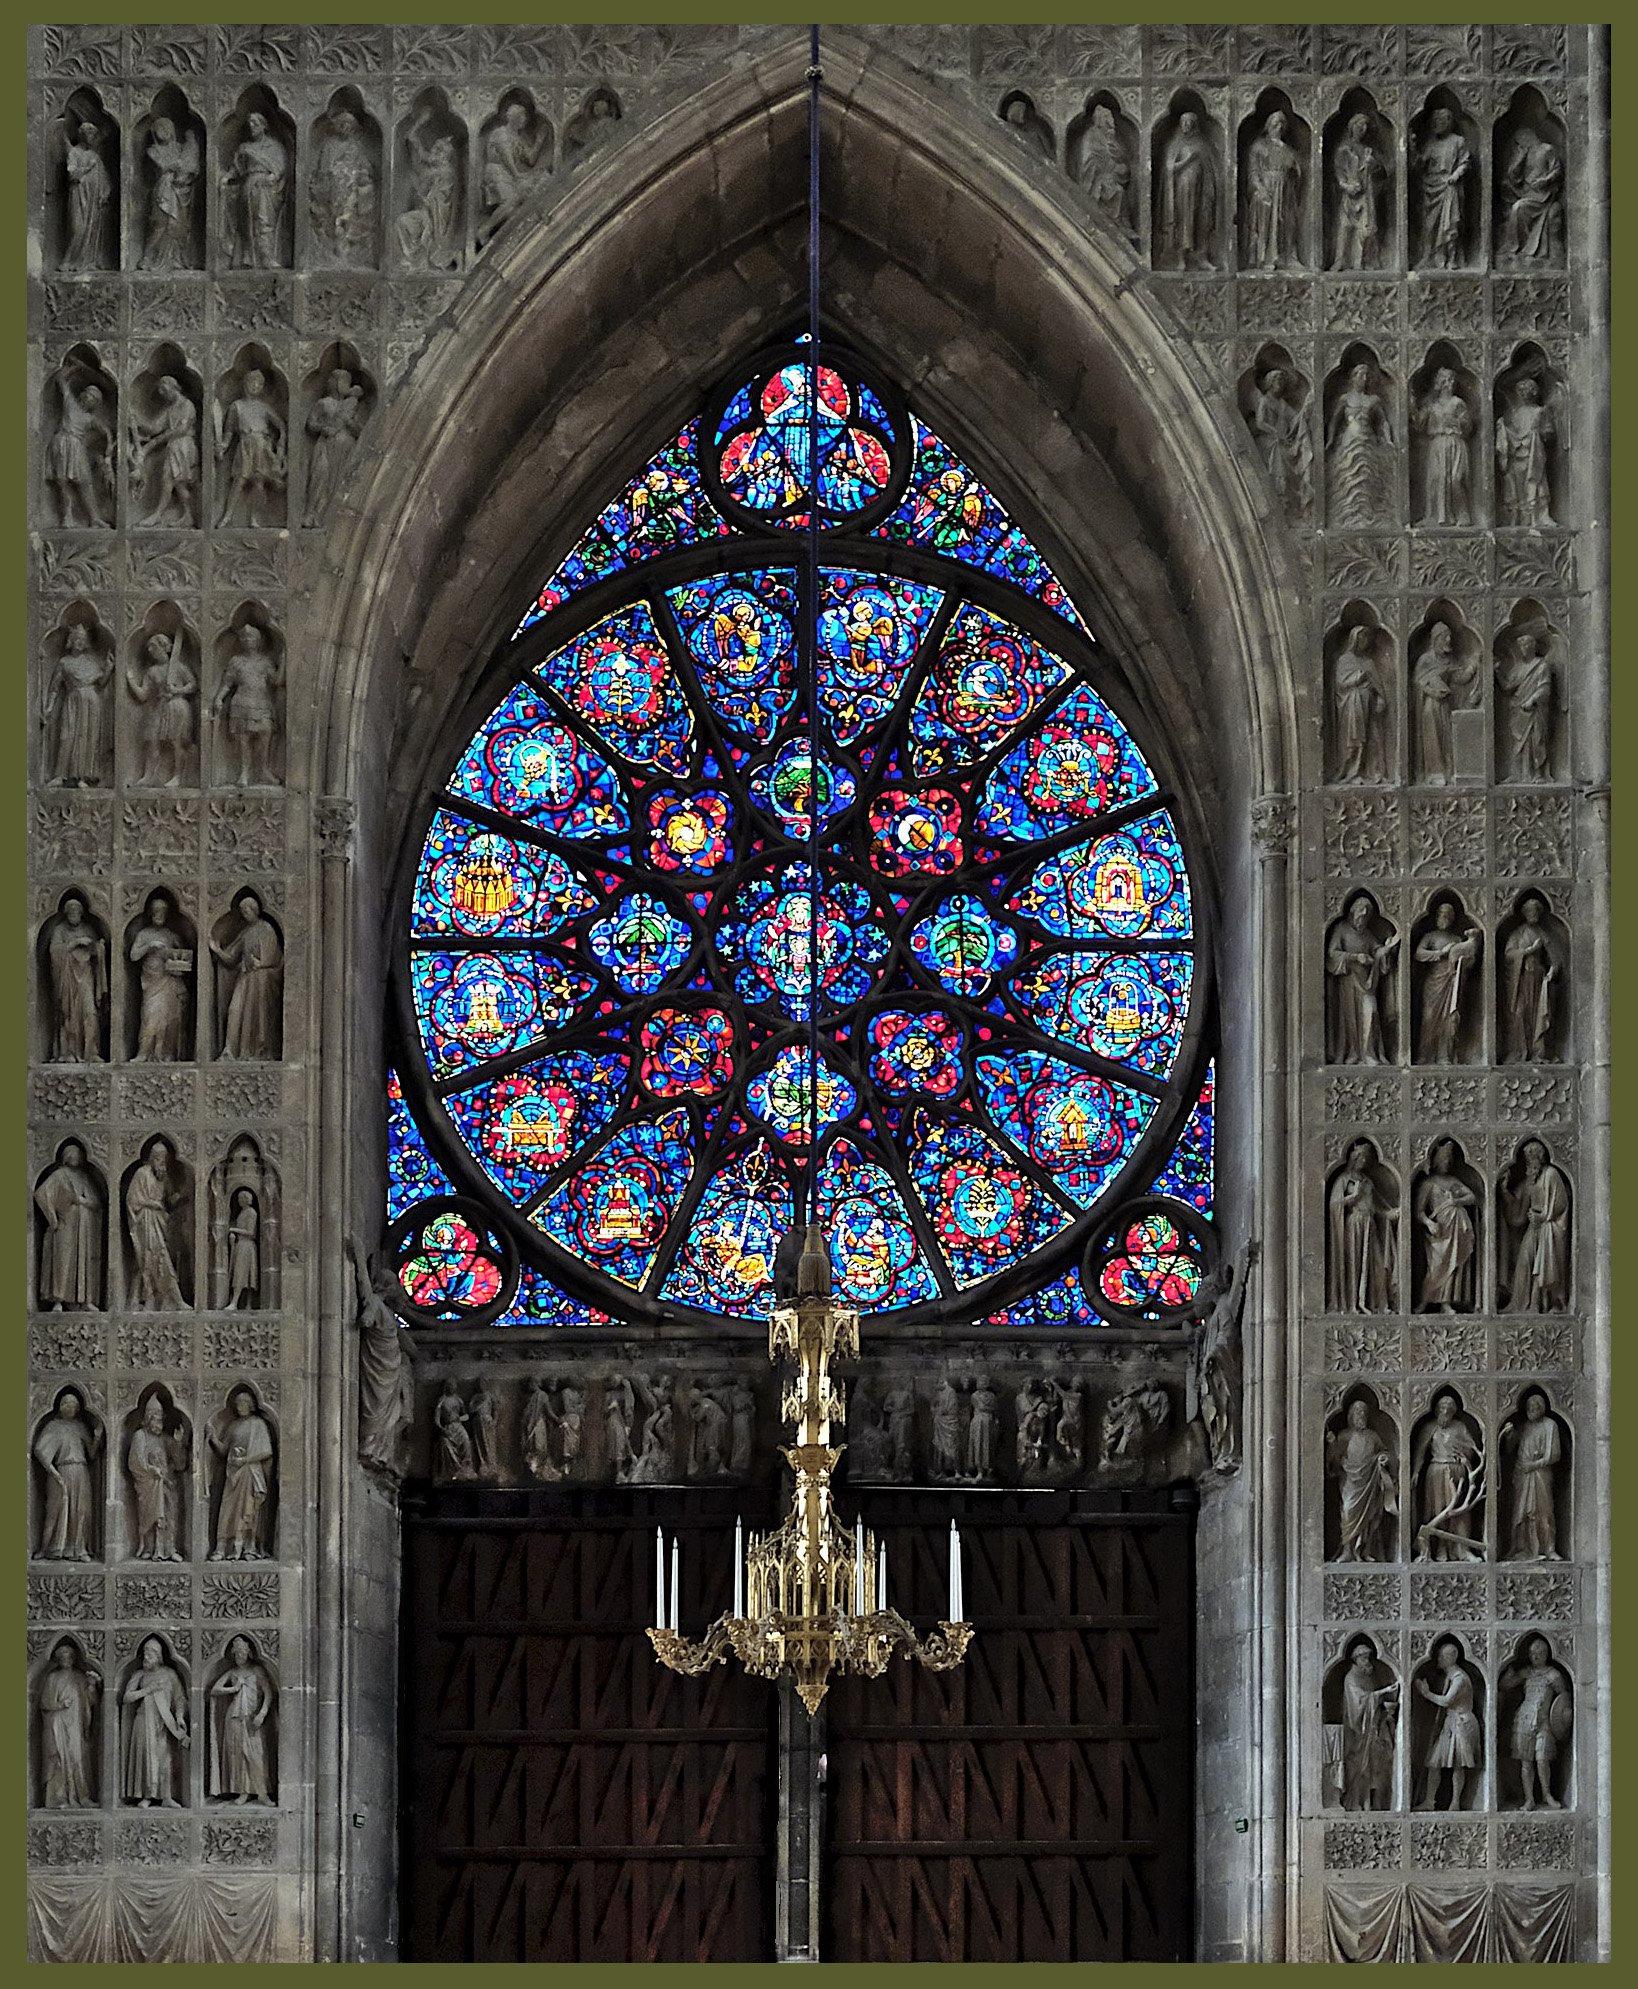 la fenêtre Rémoise